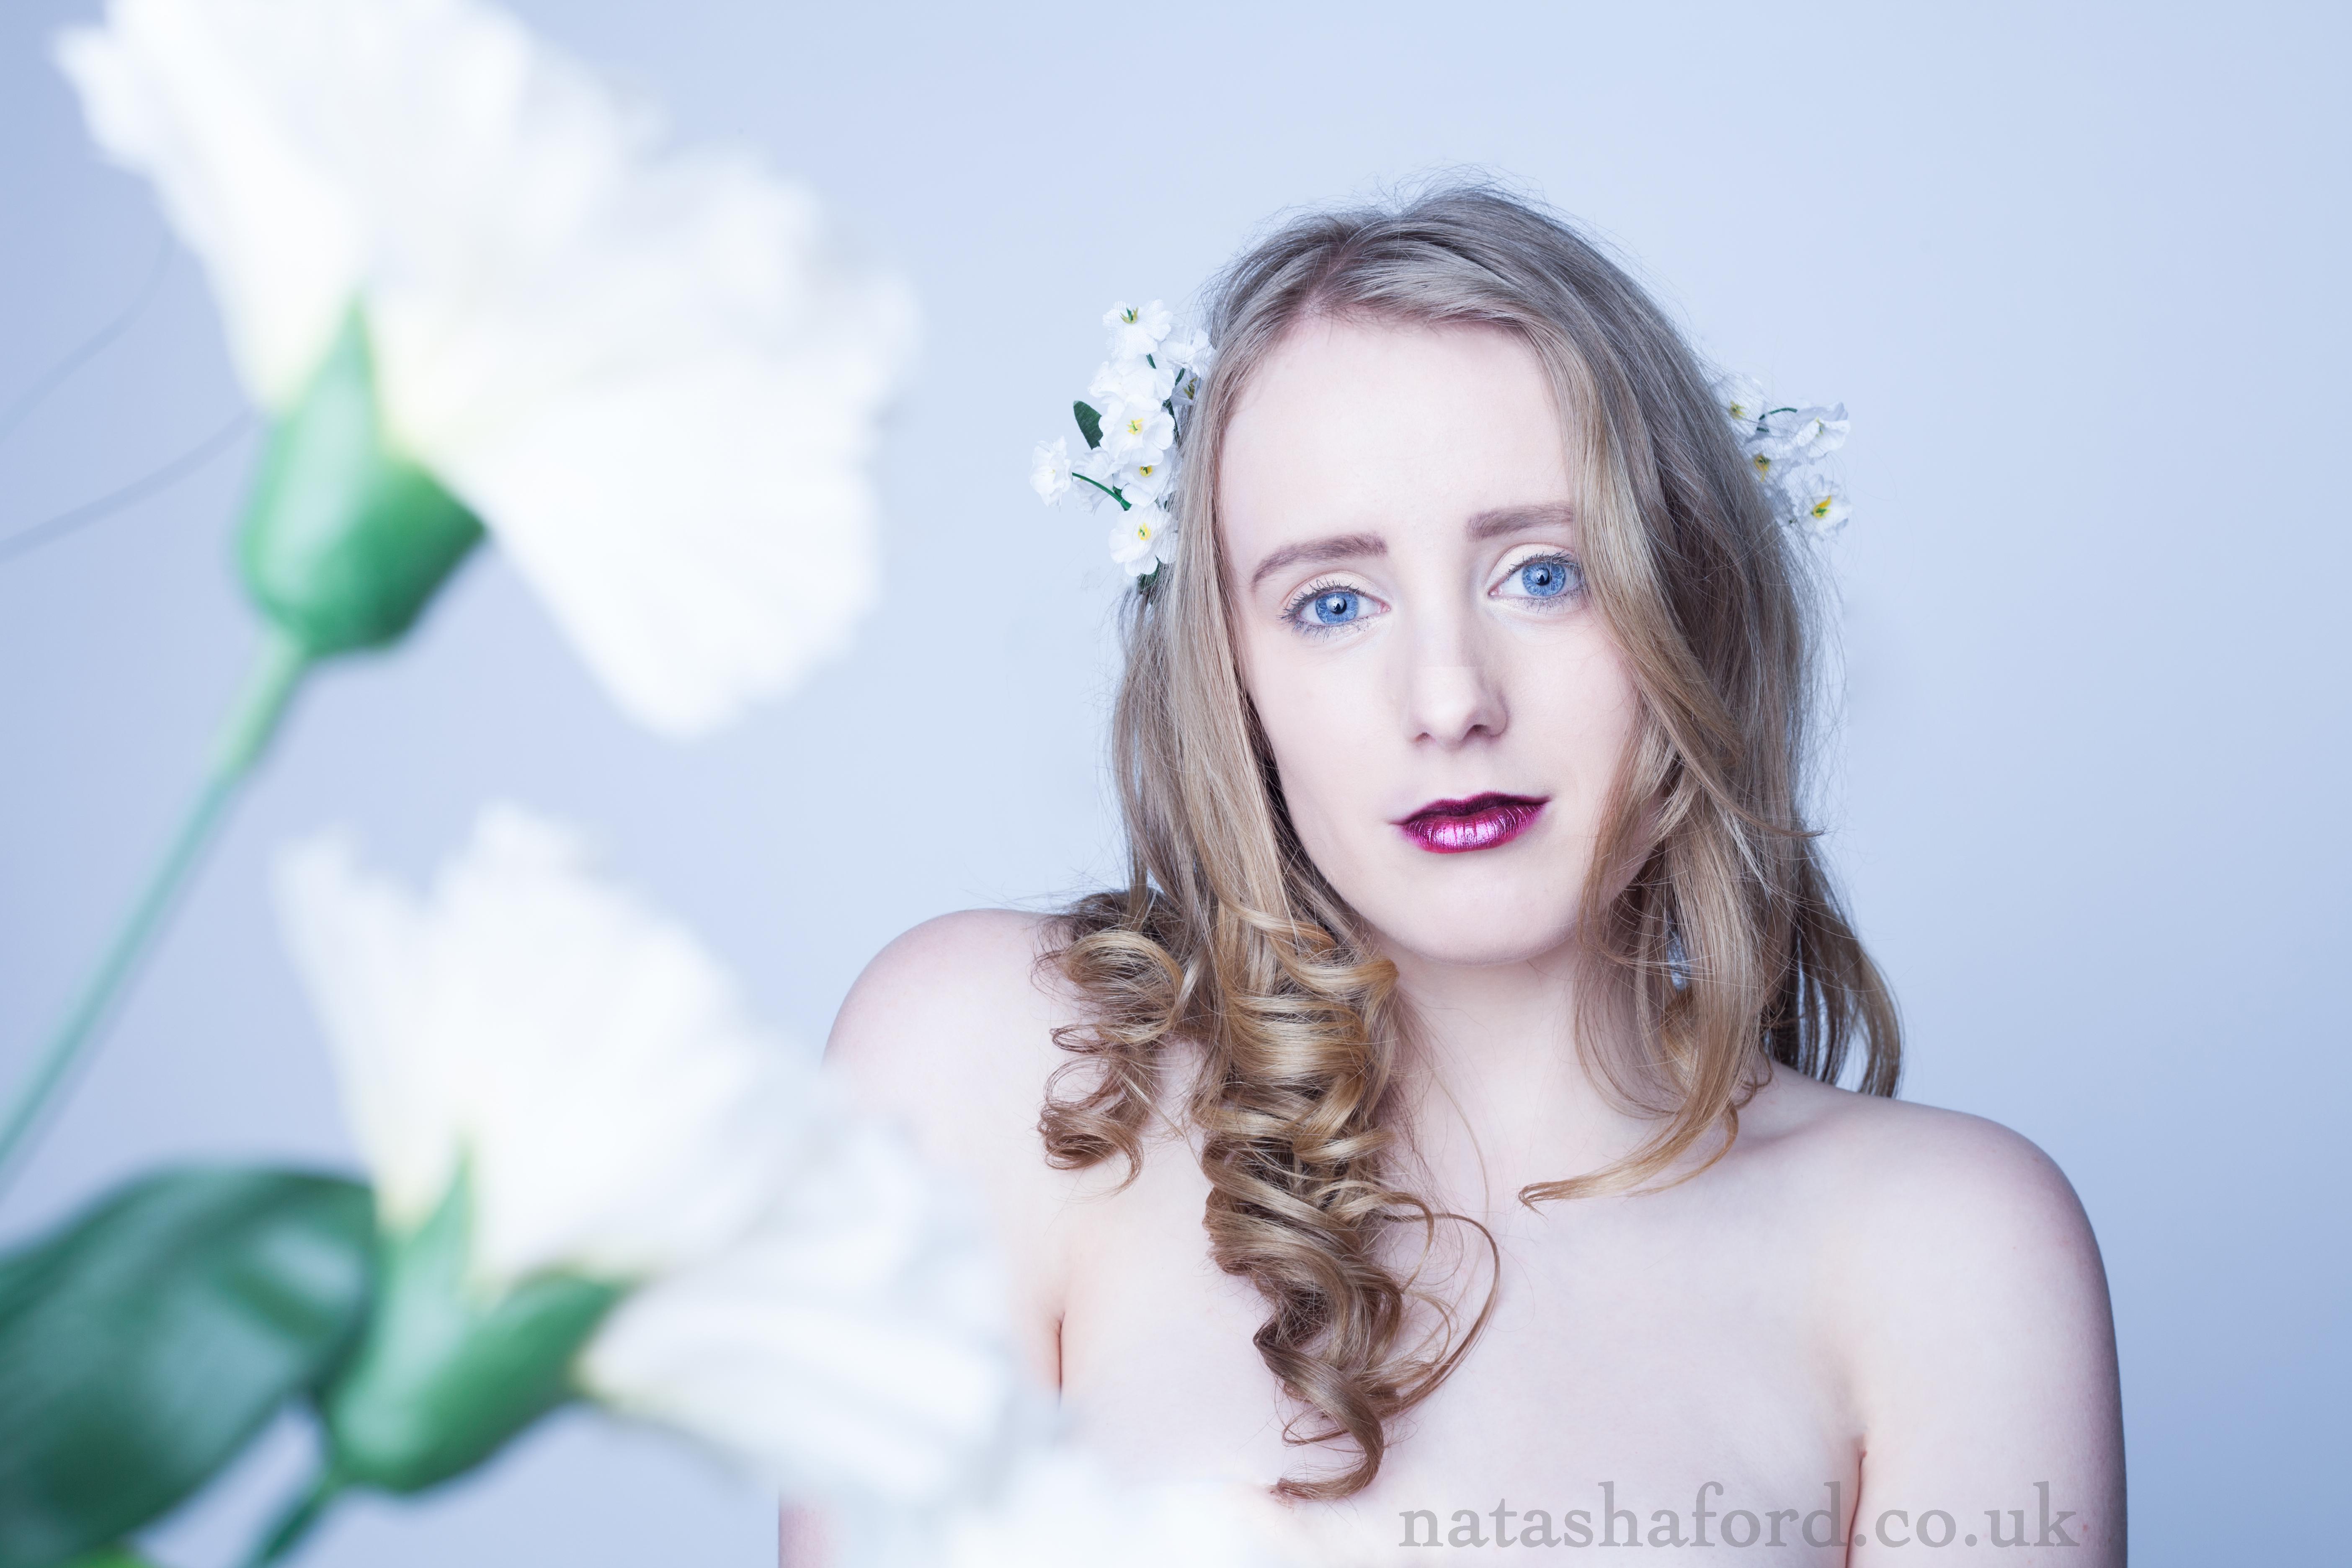 Natasha Ford Nude Photos 25